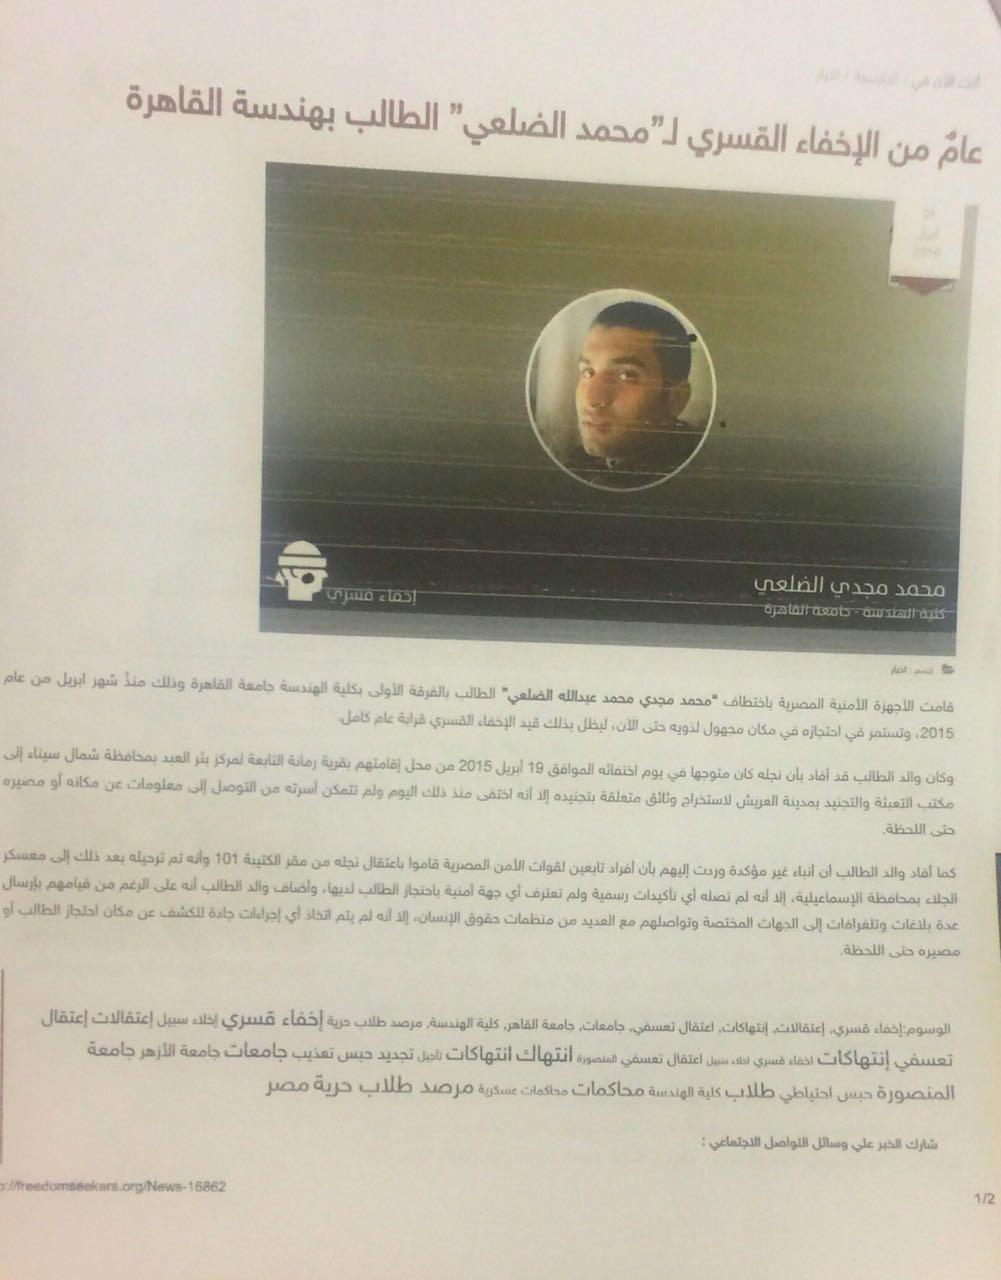 محمد مجدى الضلعى 3 حول مزاعم اختفائه قسريًا